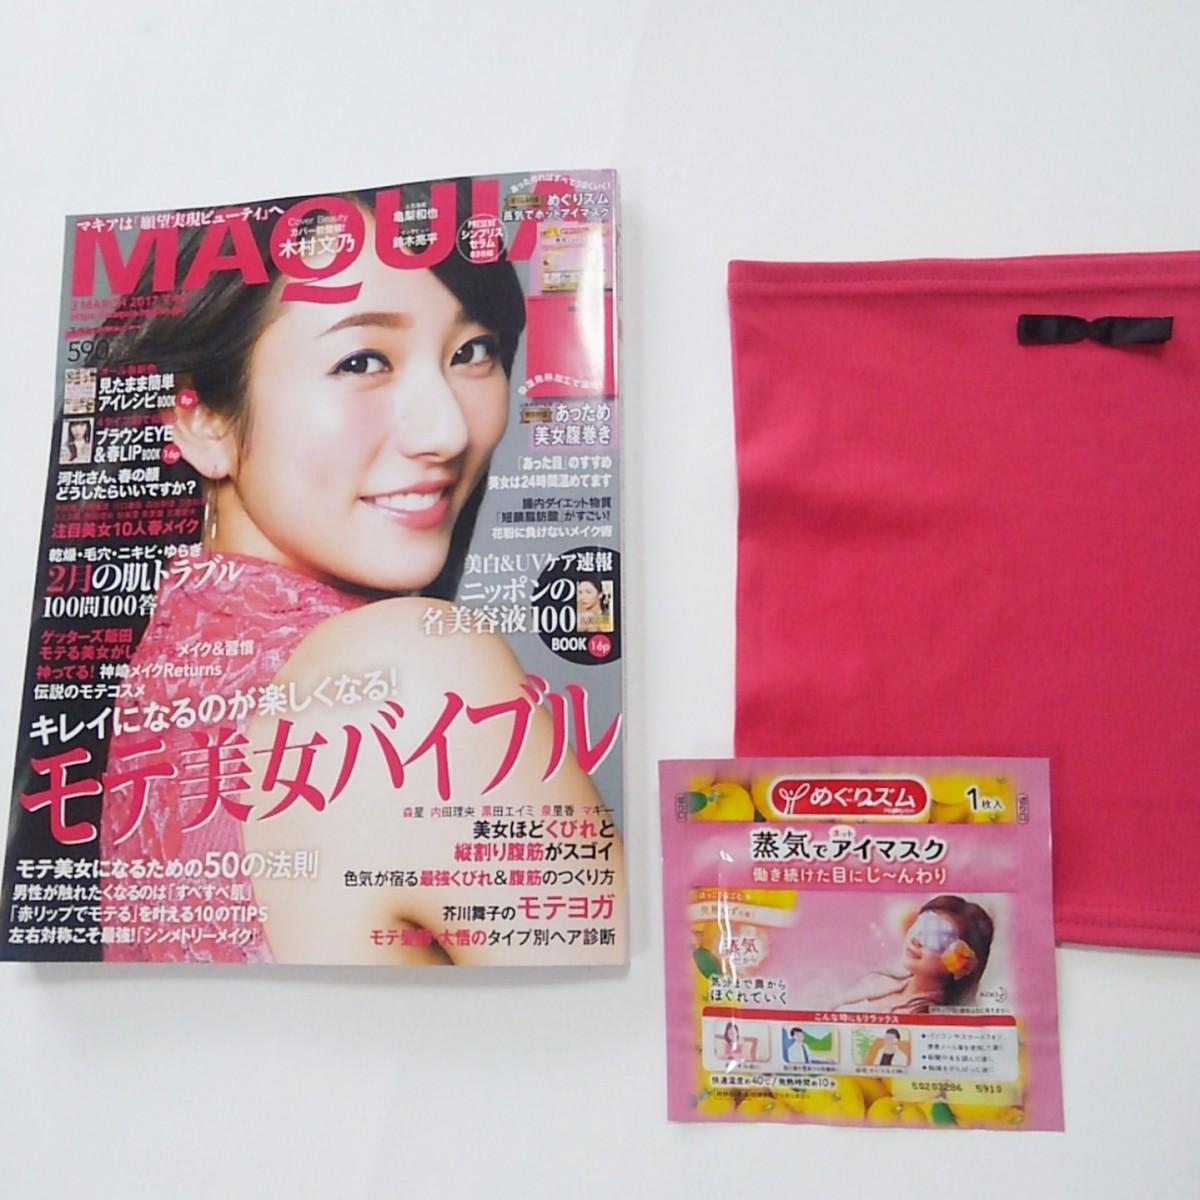 ◆《MAQUIA3月号発売》春はすぐそこ!今回はボディに新色メイクに・・モテ美女バイブル♡◆